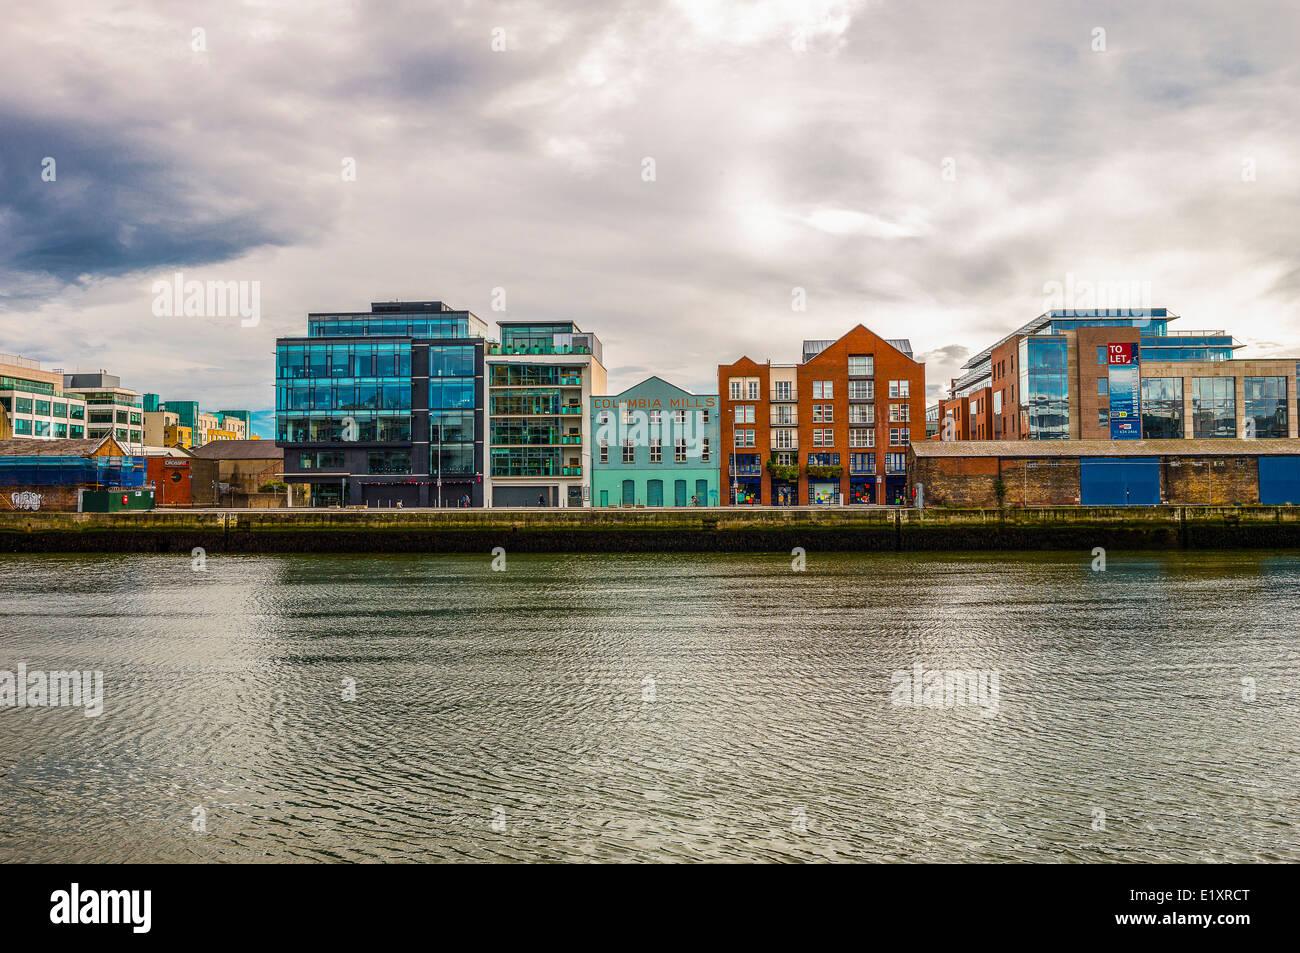 Ireland, Dublin, palaces of City quay - Stock Image